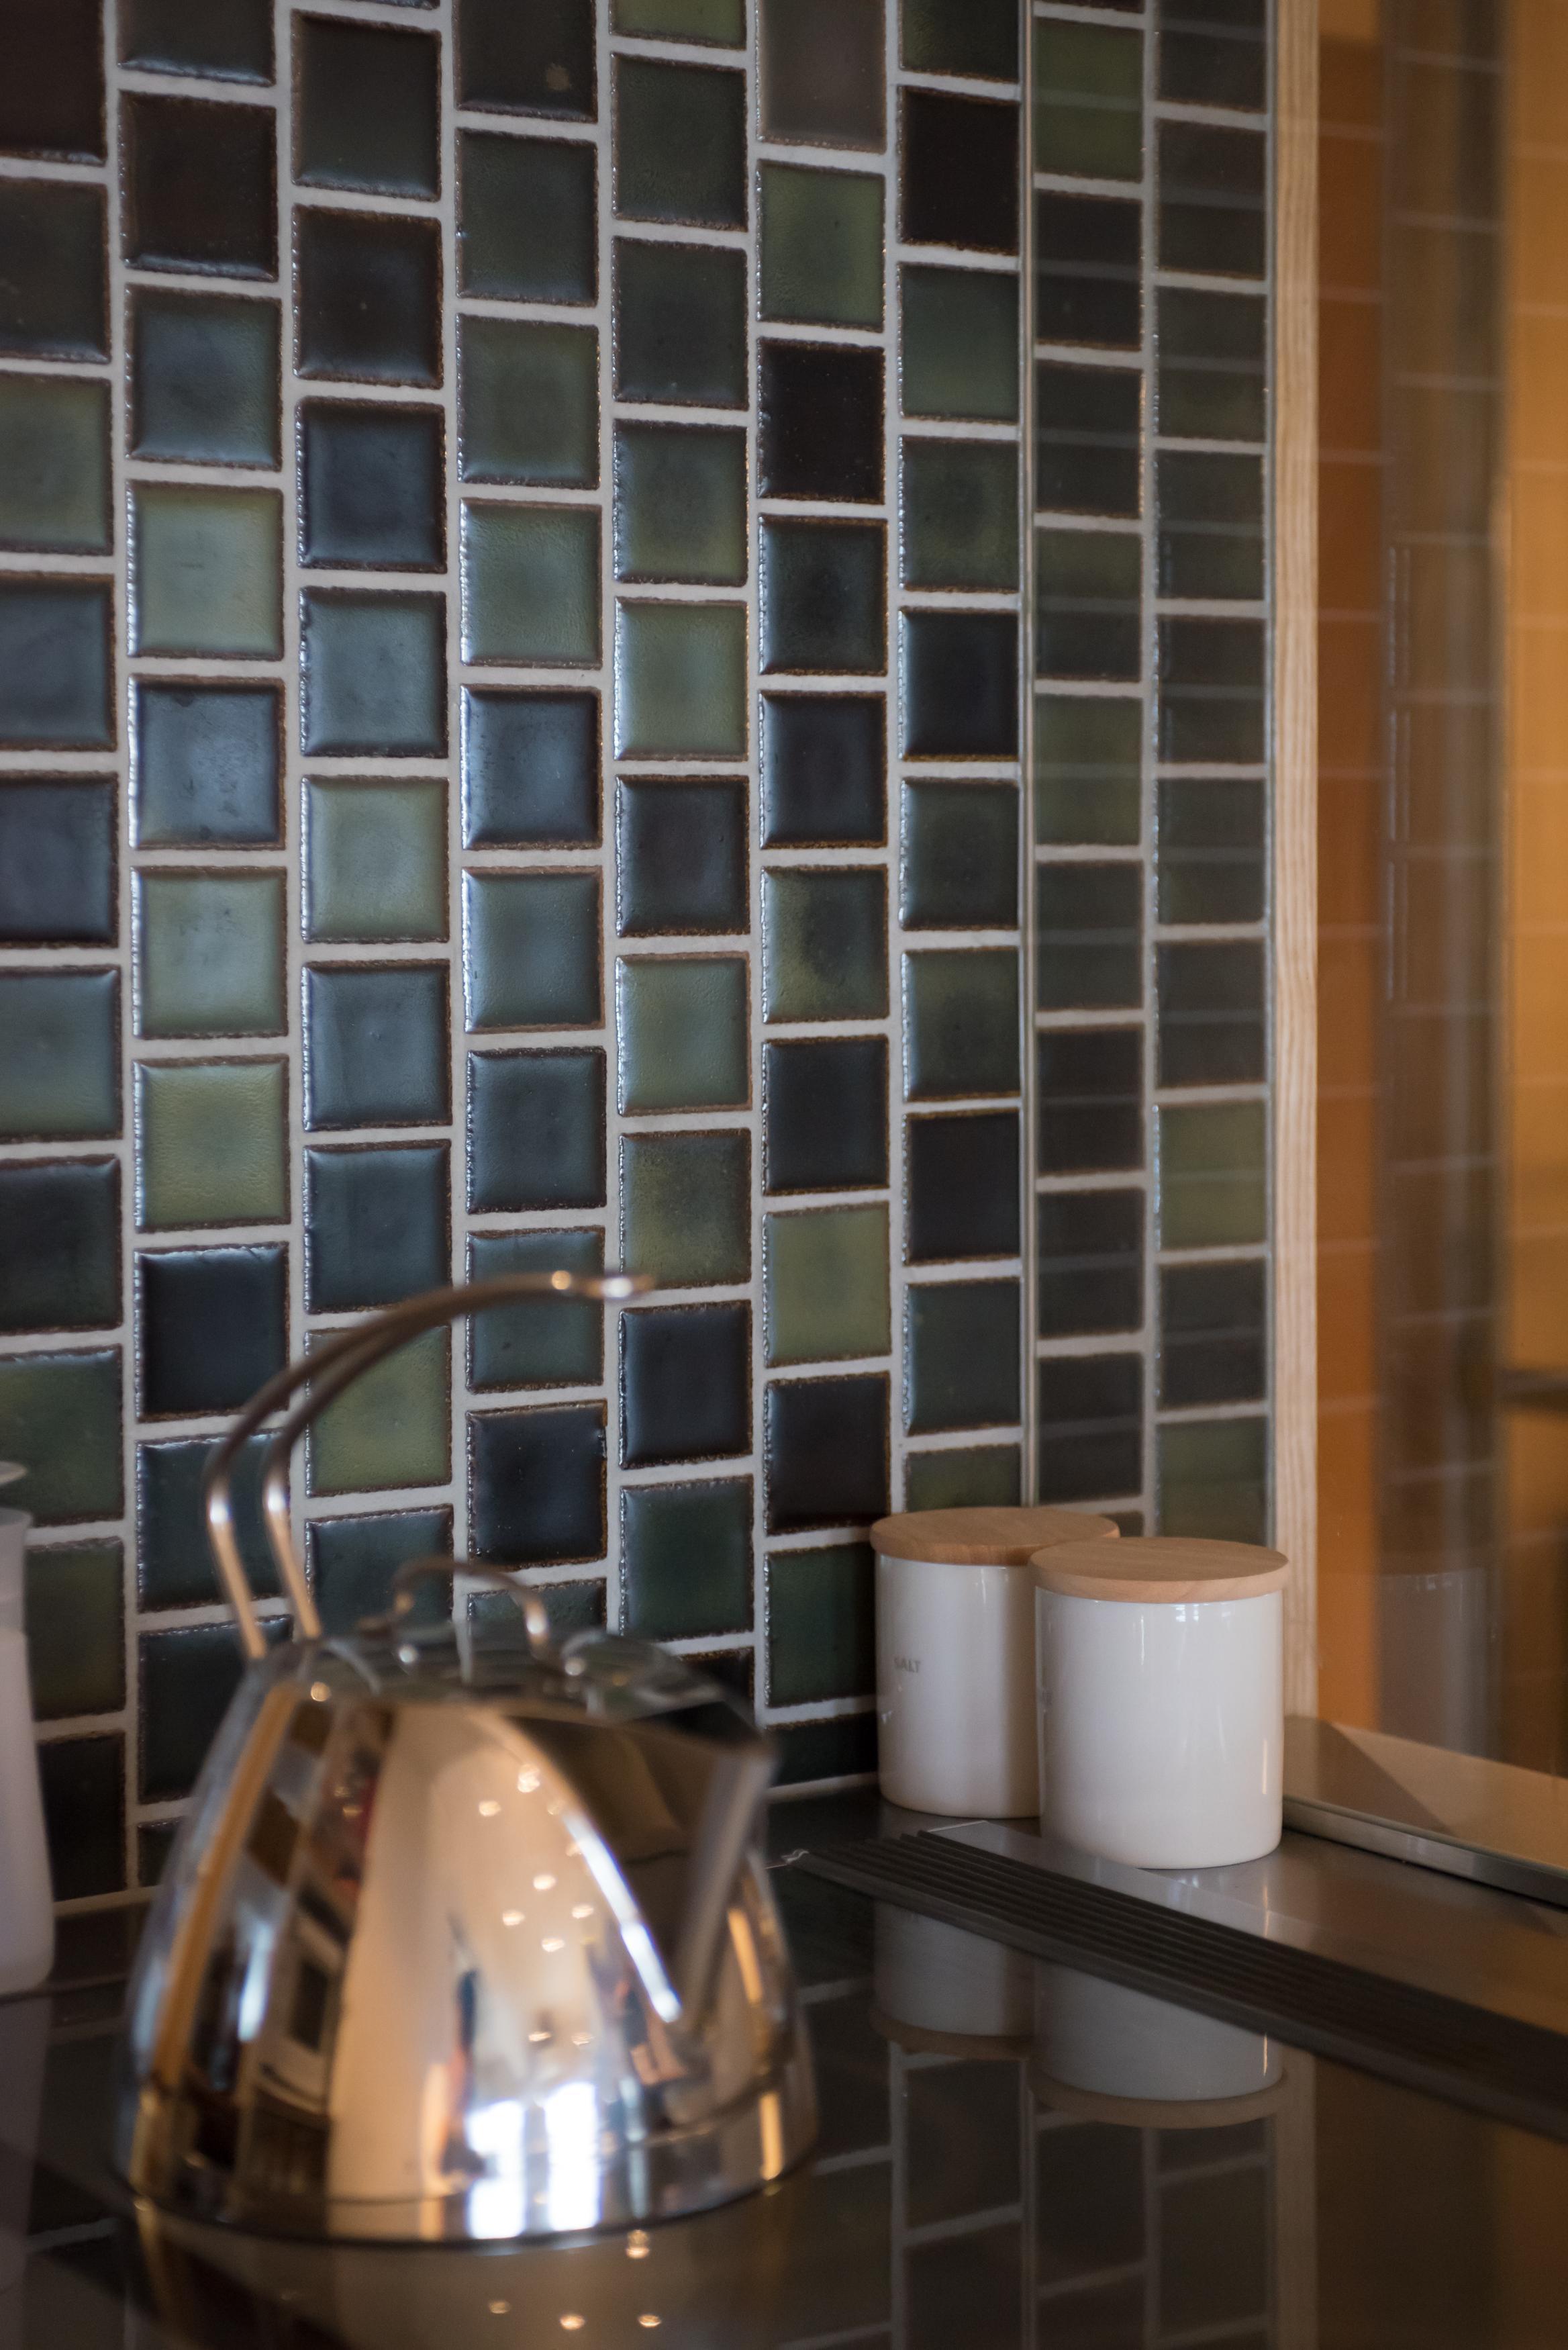 馬目地、タイル壁、キッチン、リノベーション、キッチン収納、マンションリノベーション、ハンズデザイン一級建築士事務所